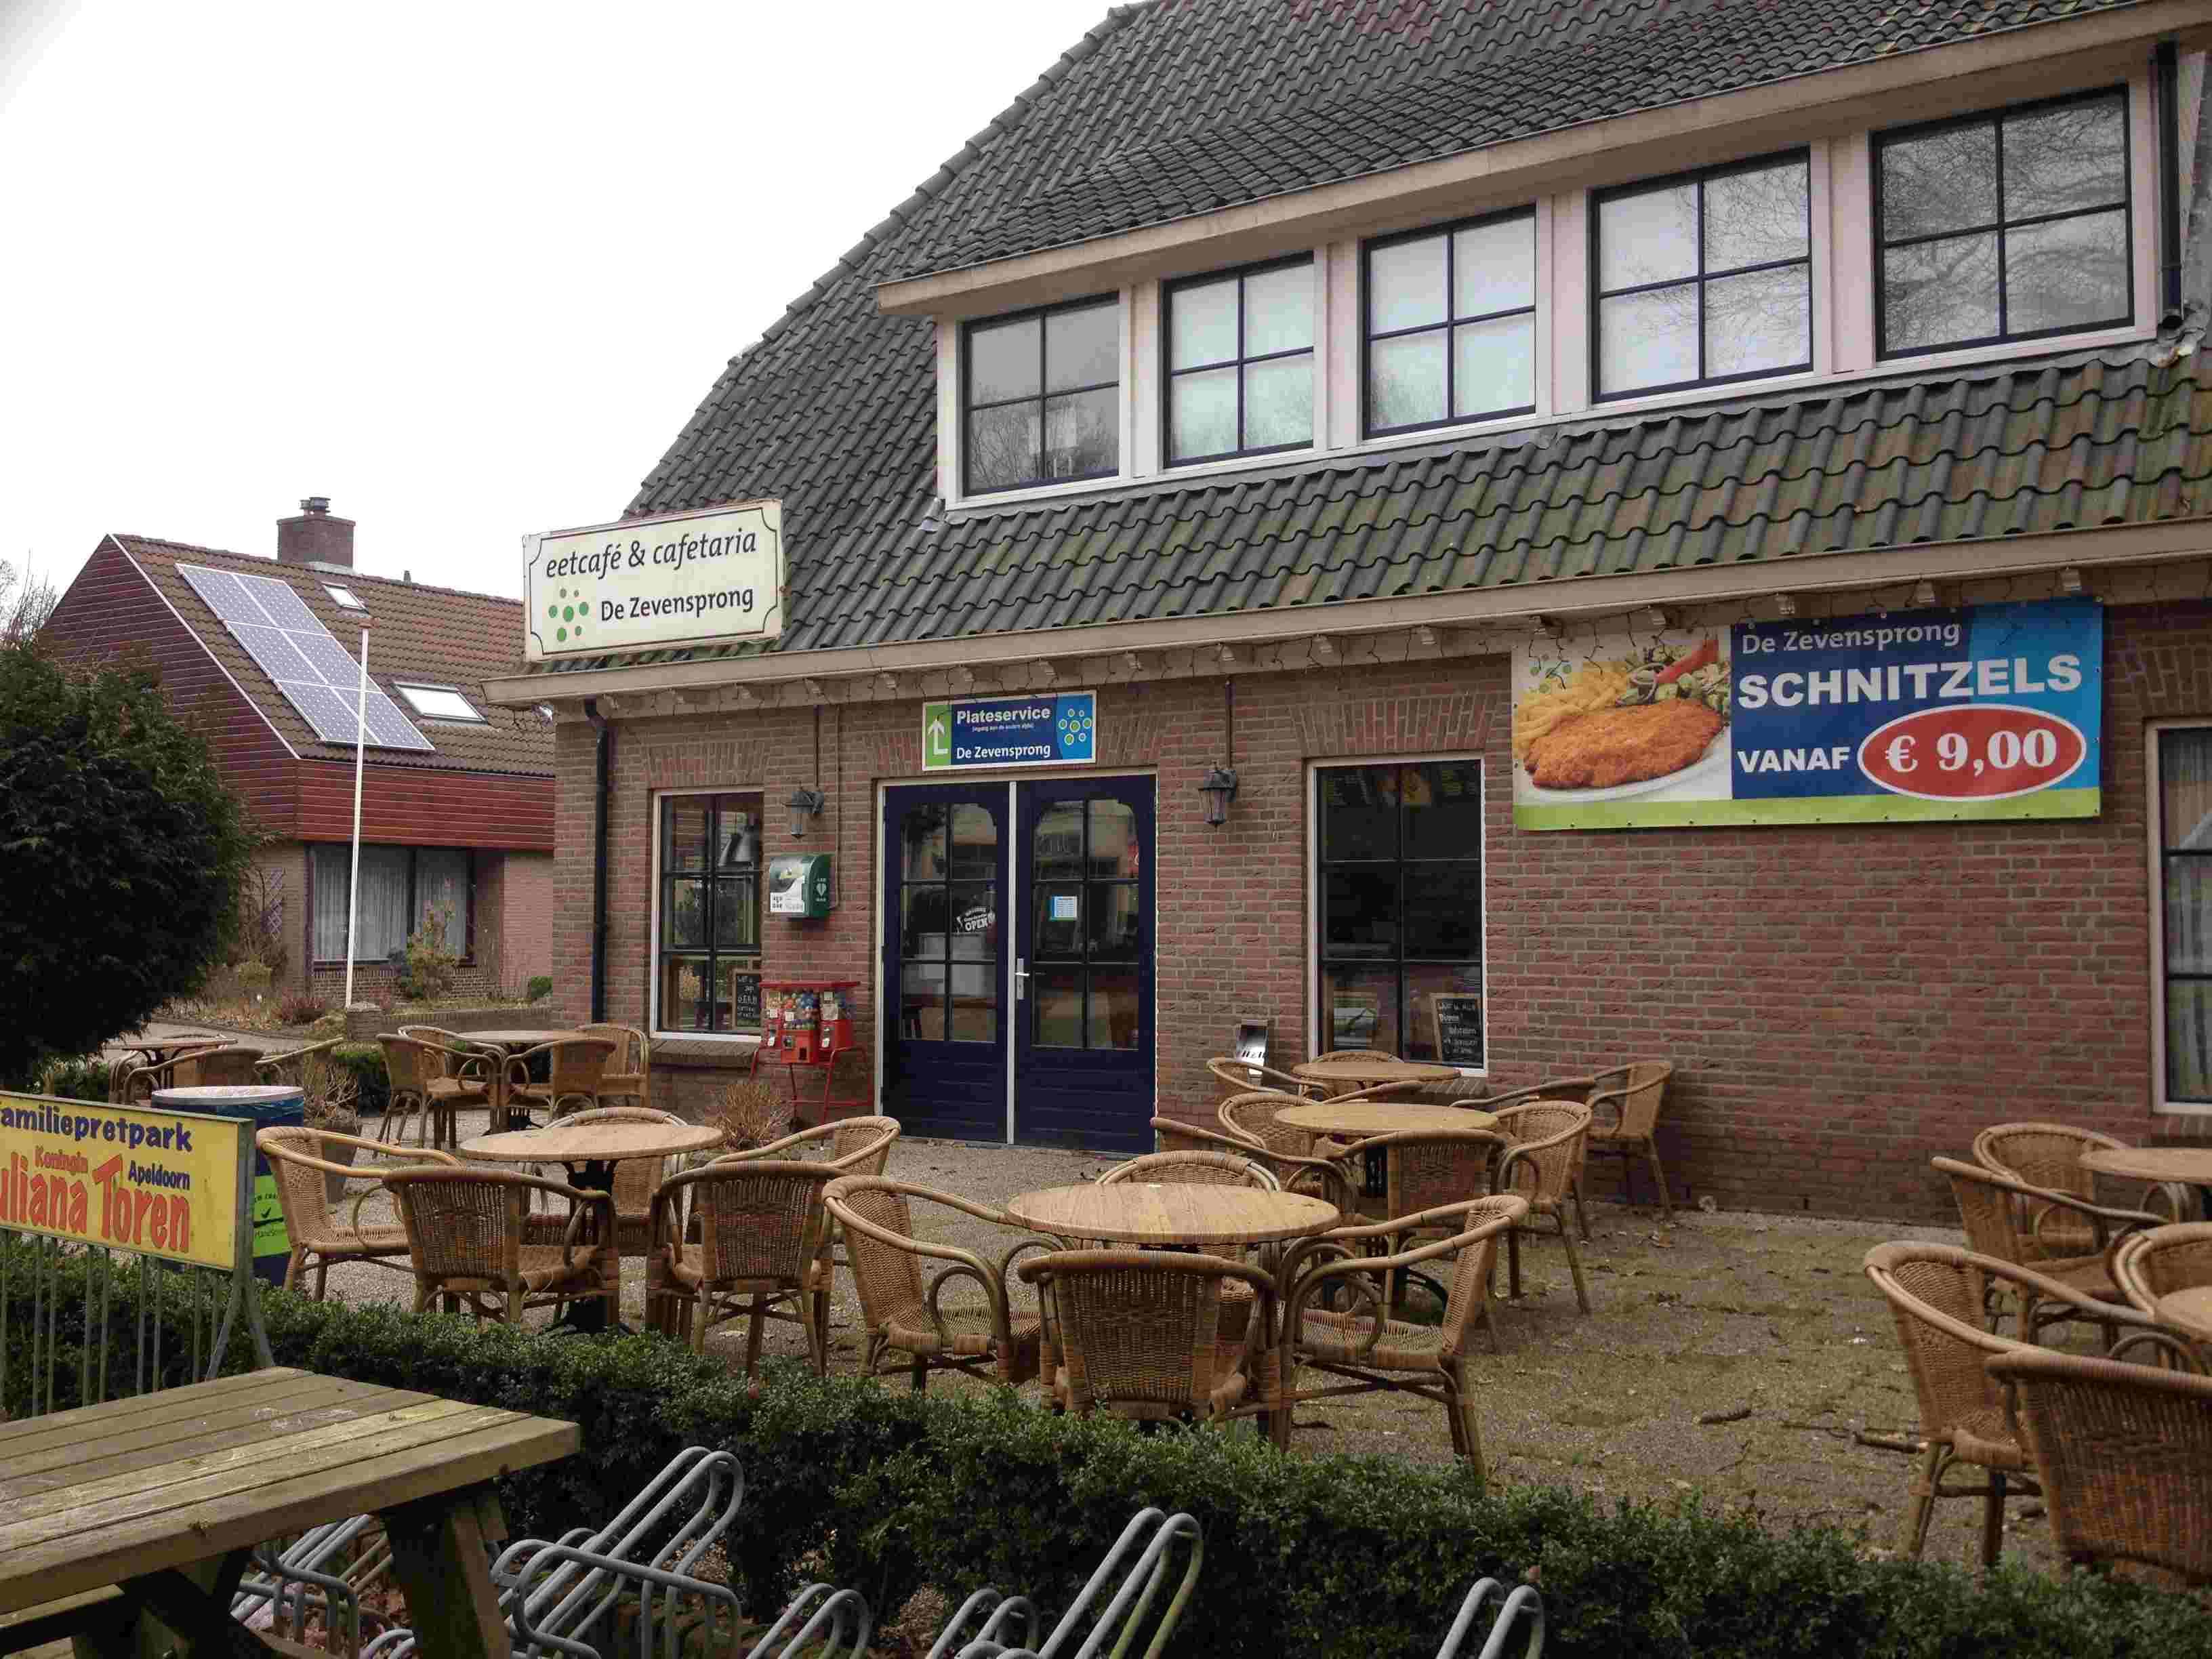 Cafetaria De Zevensprong